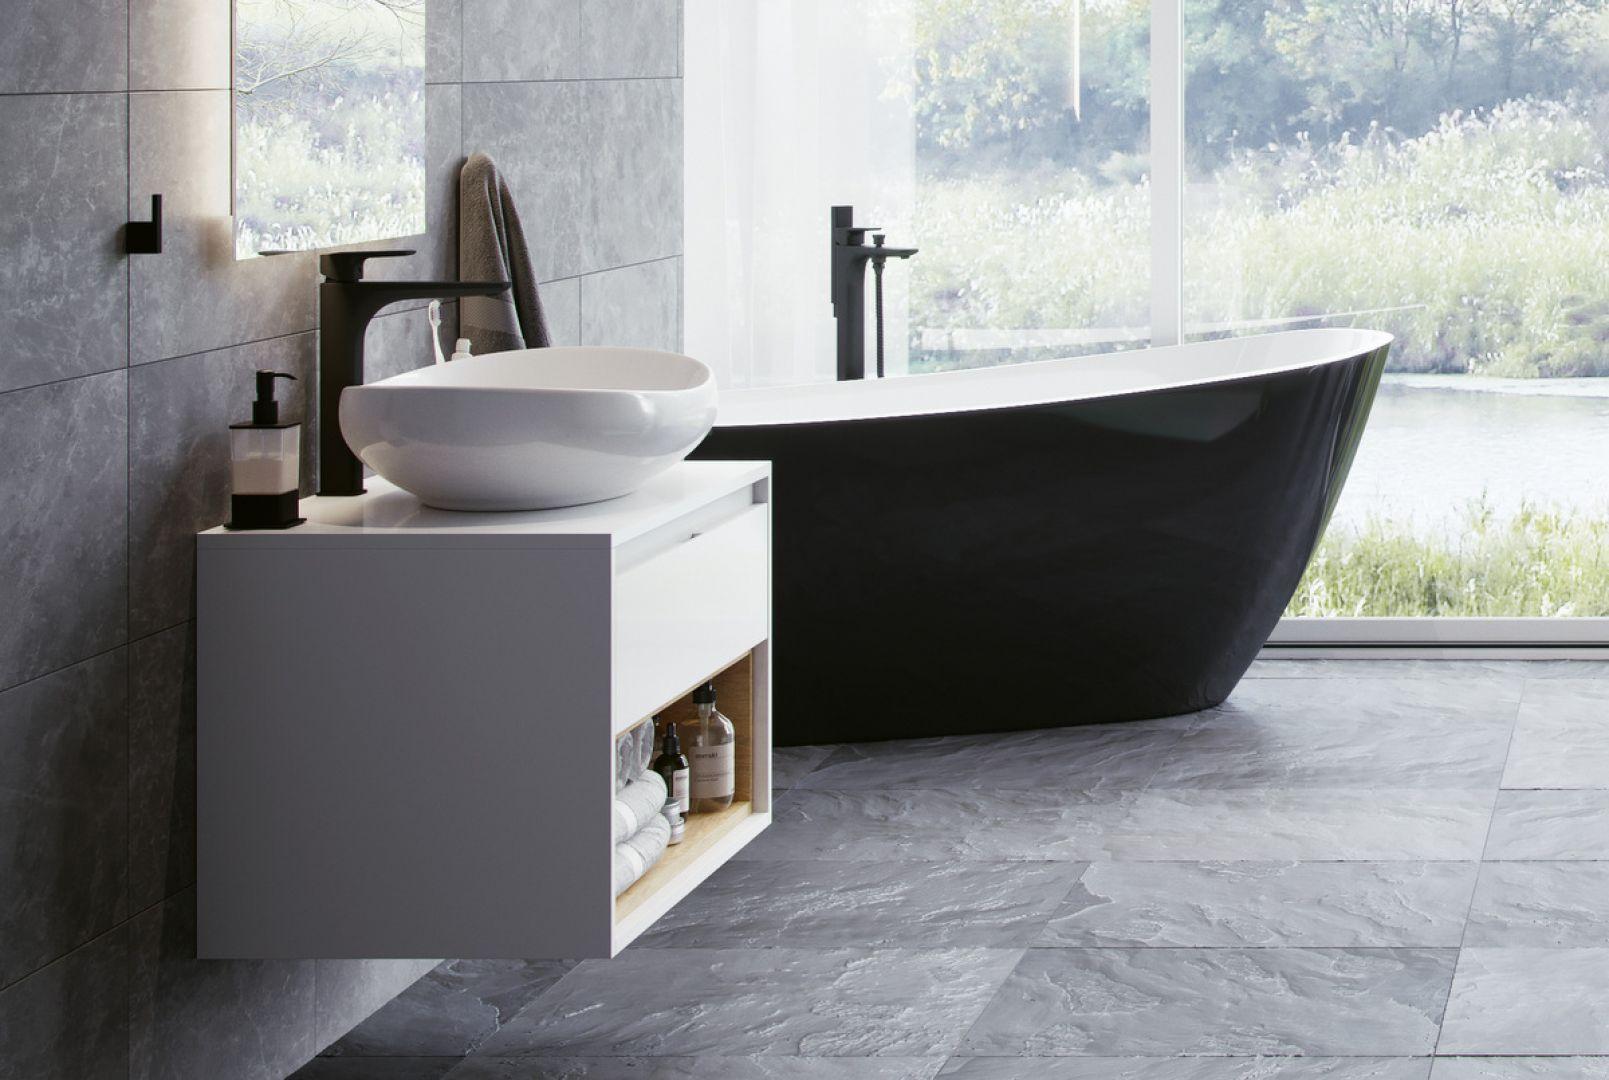 Spójna koncepcja aranżacji łazienki z czarnymi akcentami: czarne baterie umywalkowa i wannowa z serii Keria oraz wanna Comfort. Fot. Excellent